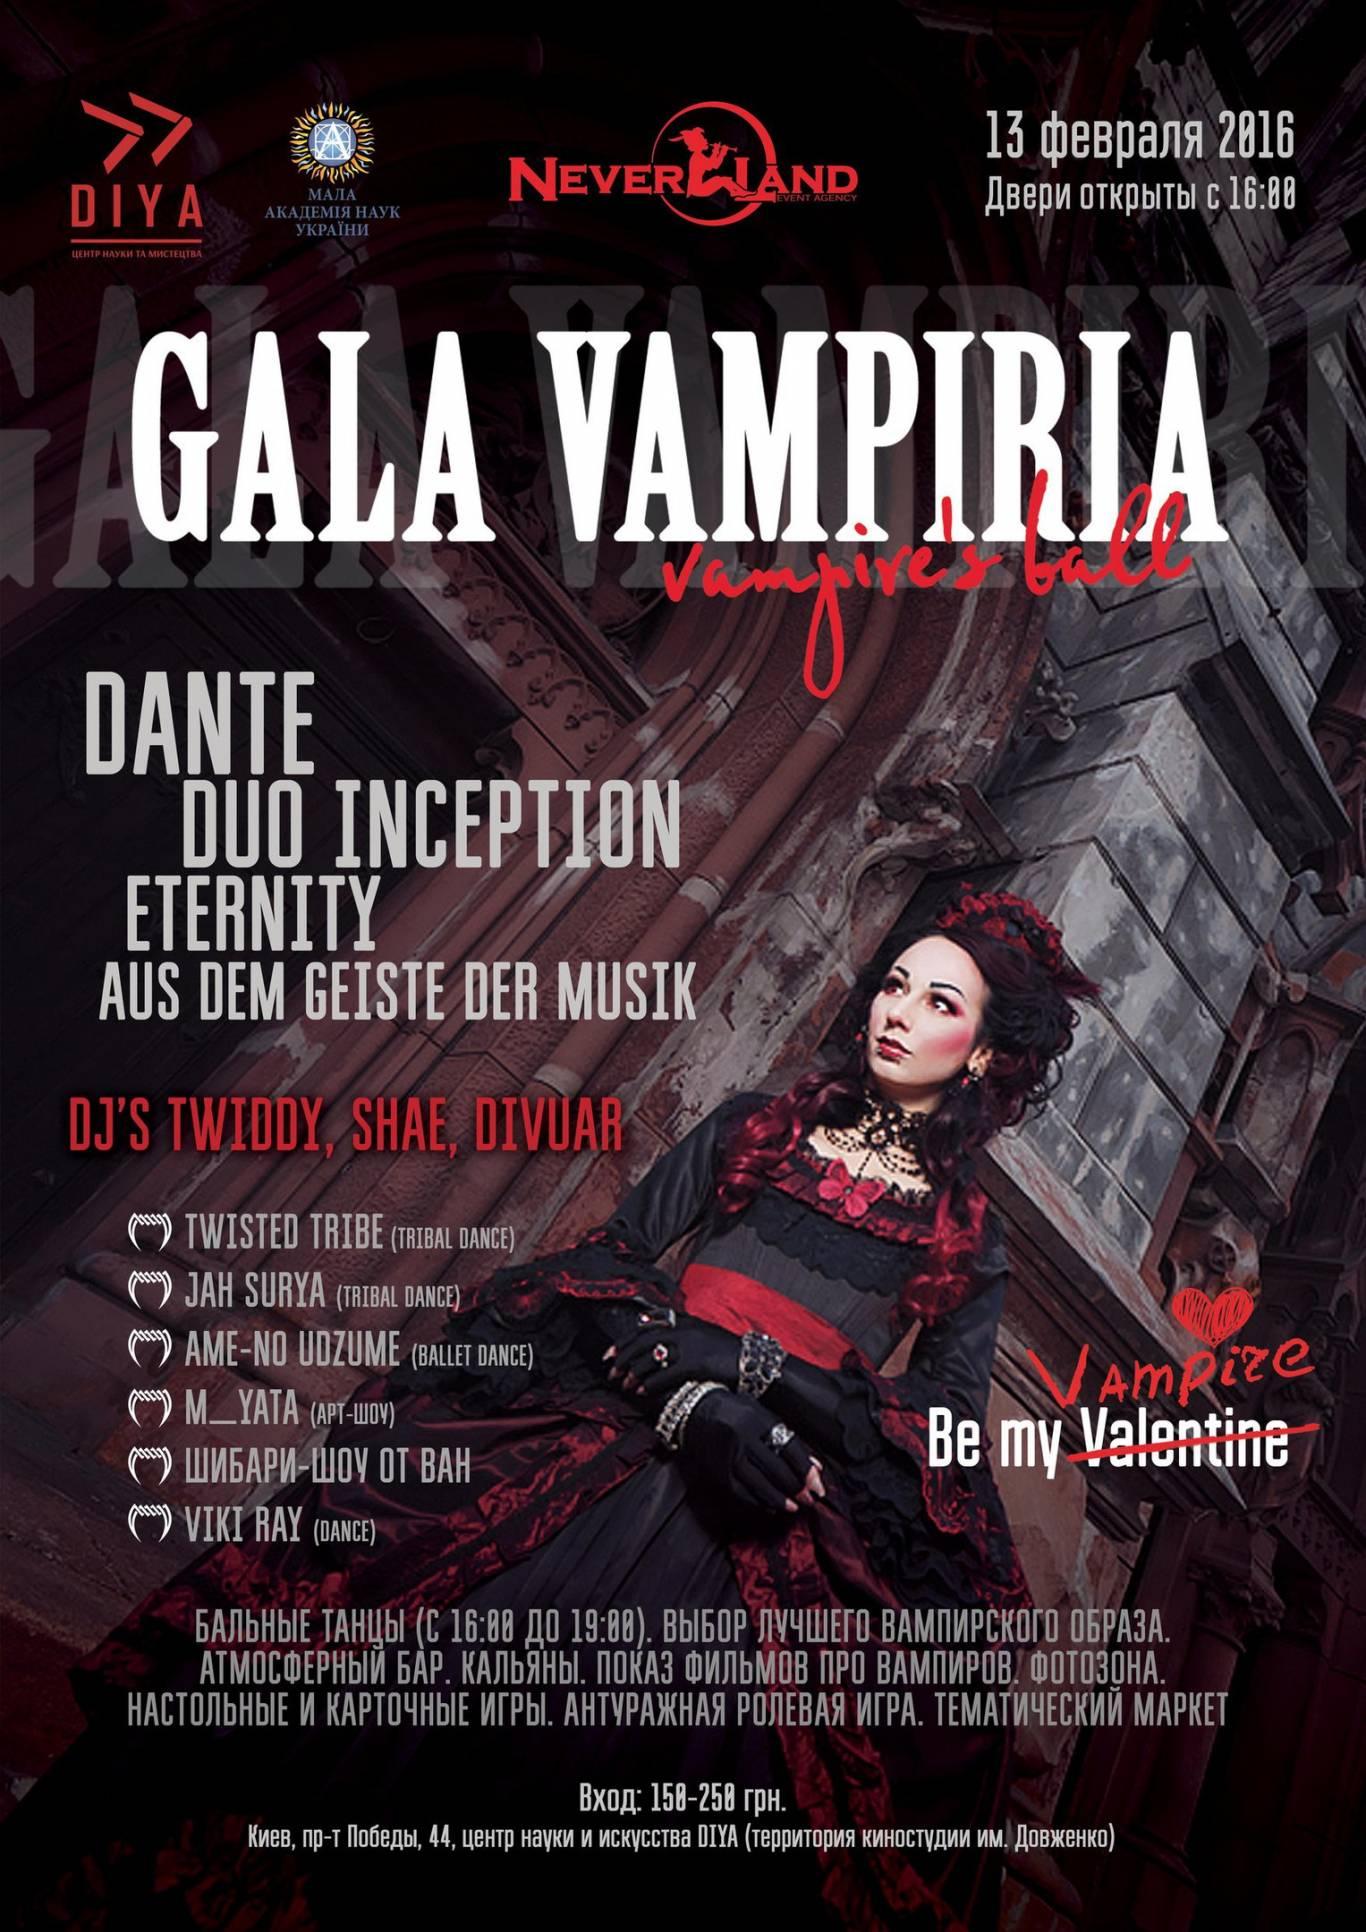 Вампірський бал GALA VAMPIRIA